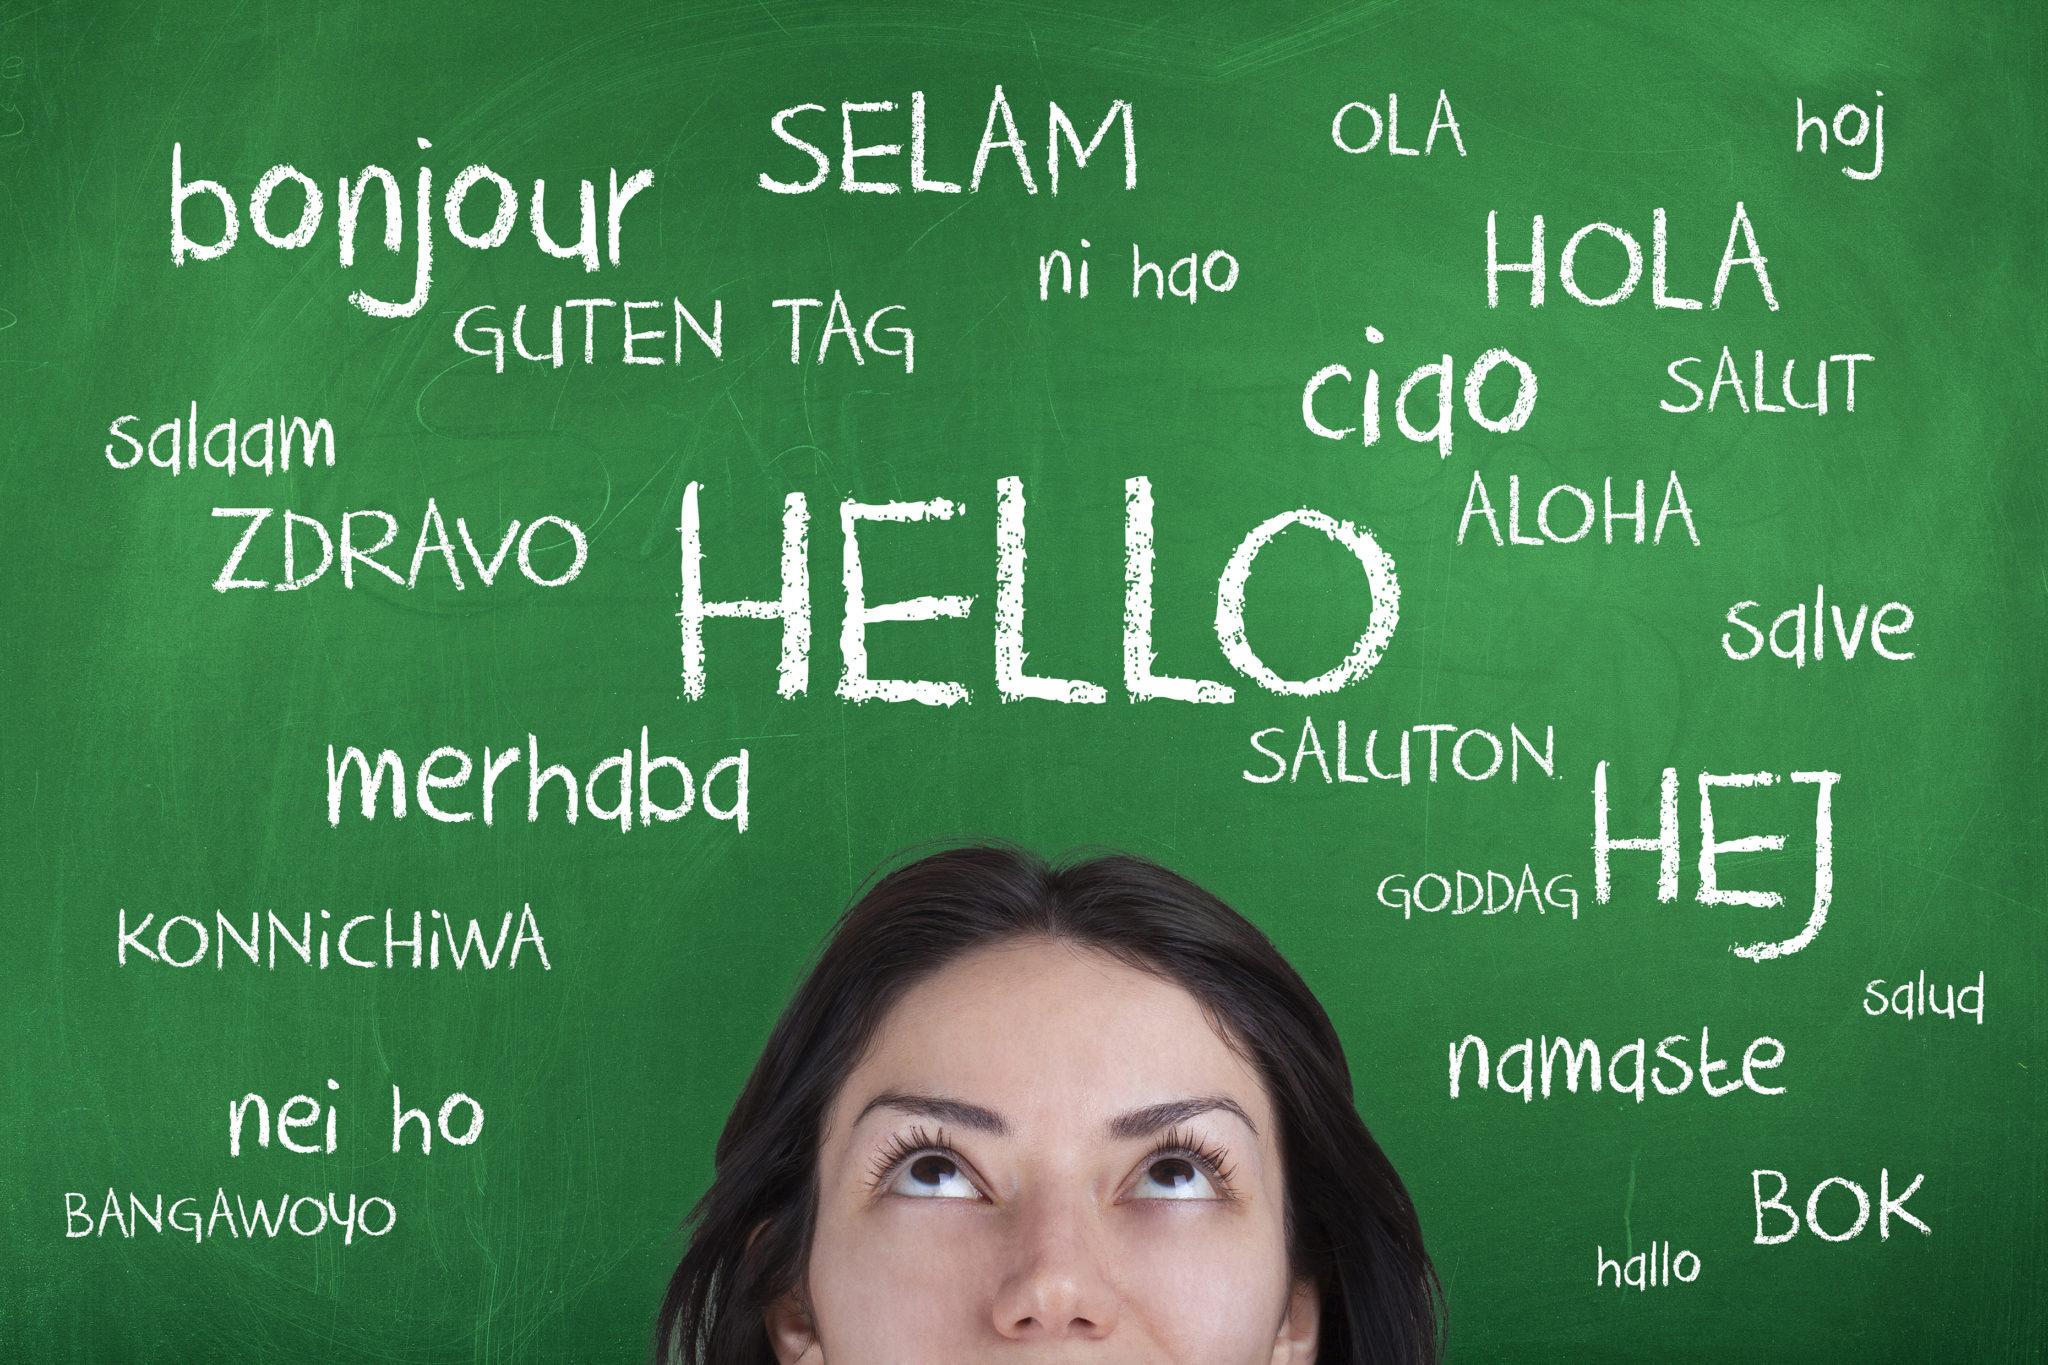 meisje kijkt naar begroeting in meer talen